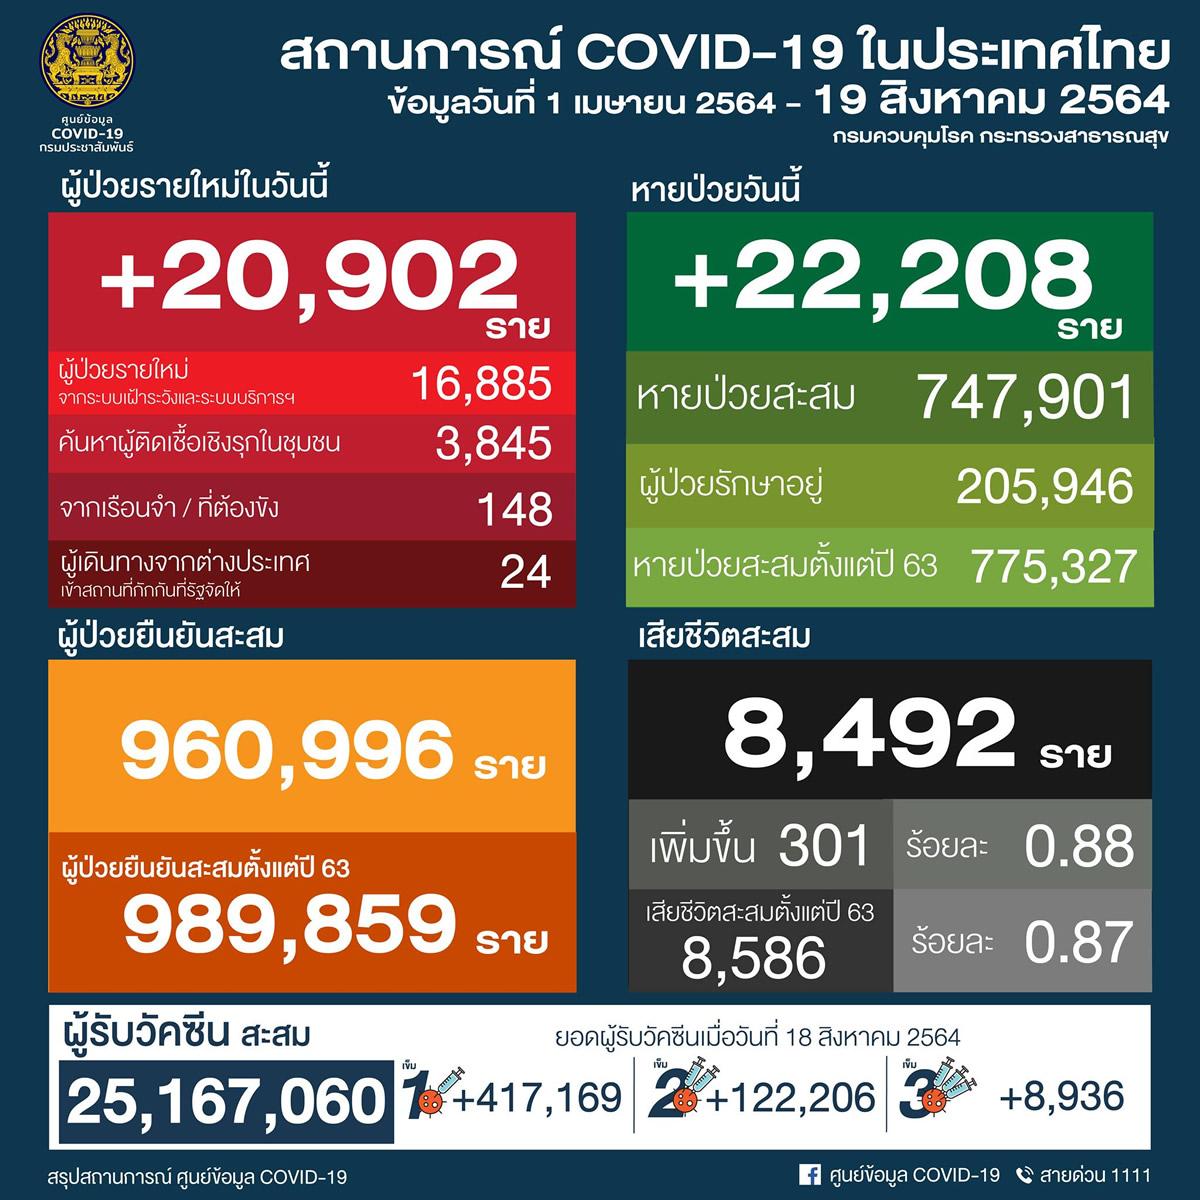 タイ 20,902人陽性 301人死亡/バンコク4,392人陽性 79人死亡[2021年8月19日発表]